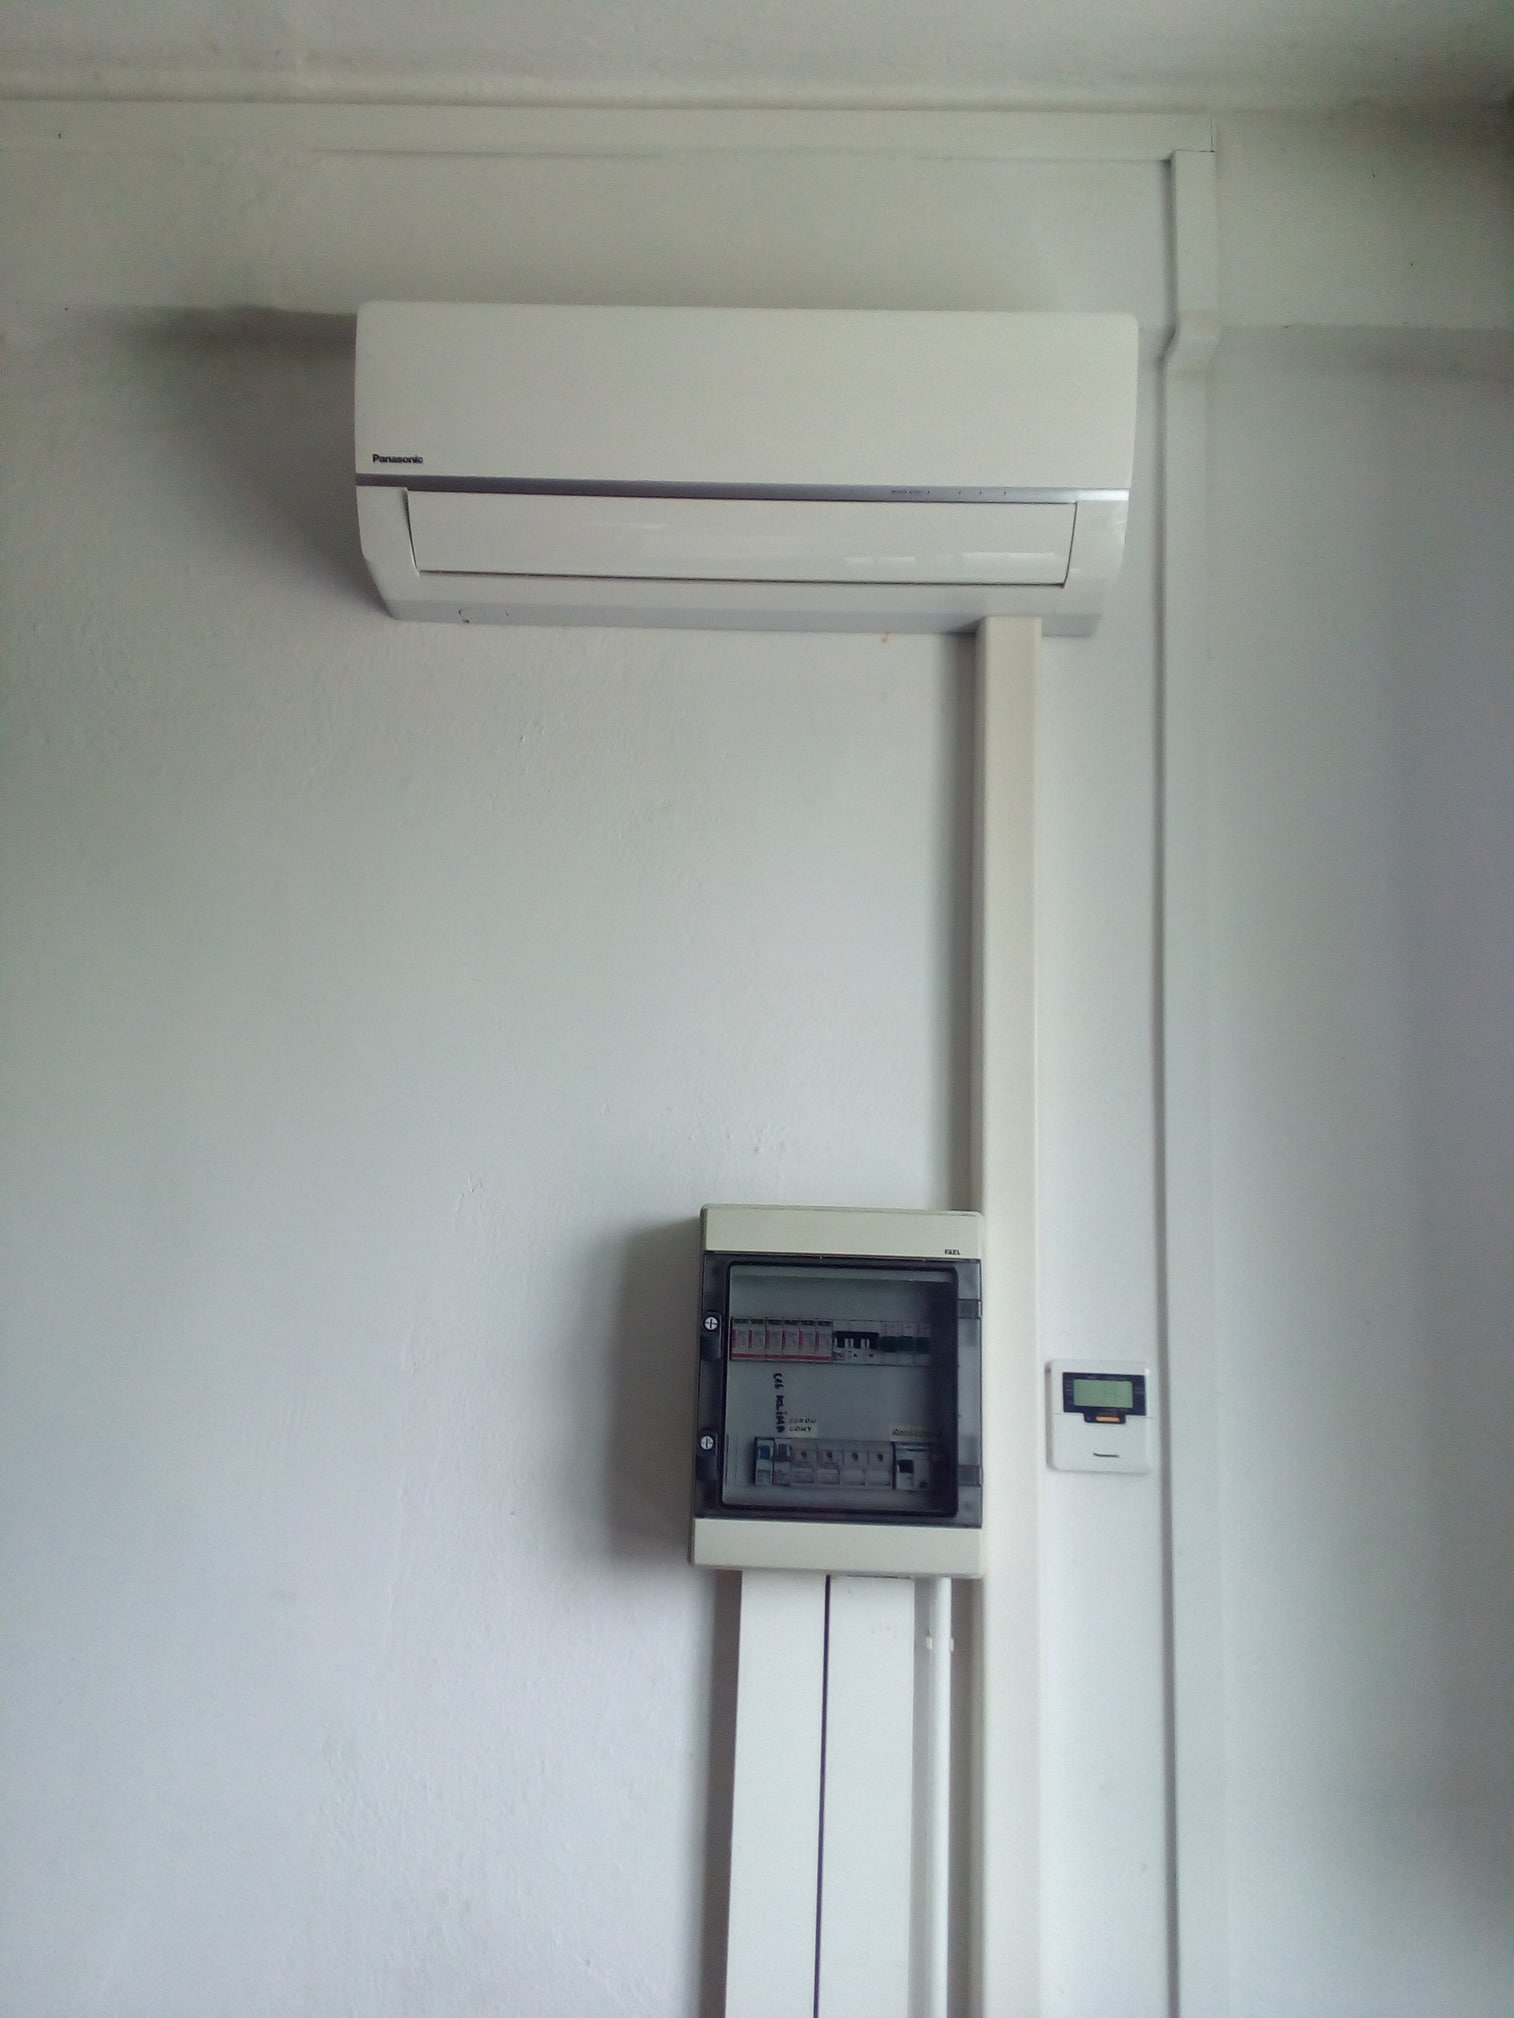 realizacja-klimatyzator-nascienny-panasonic-tkea-jednostka-wewnetrzna-sewerownia-cukrownia